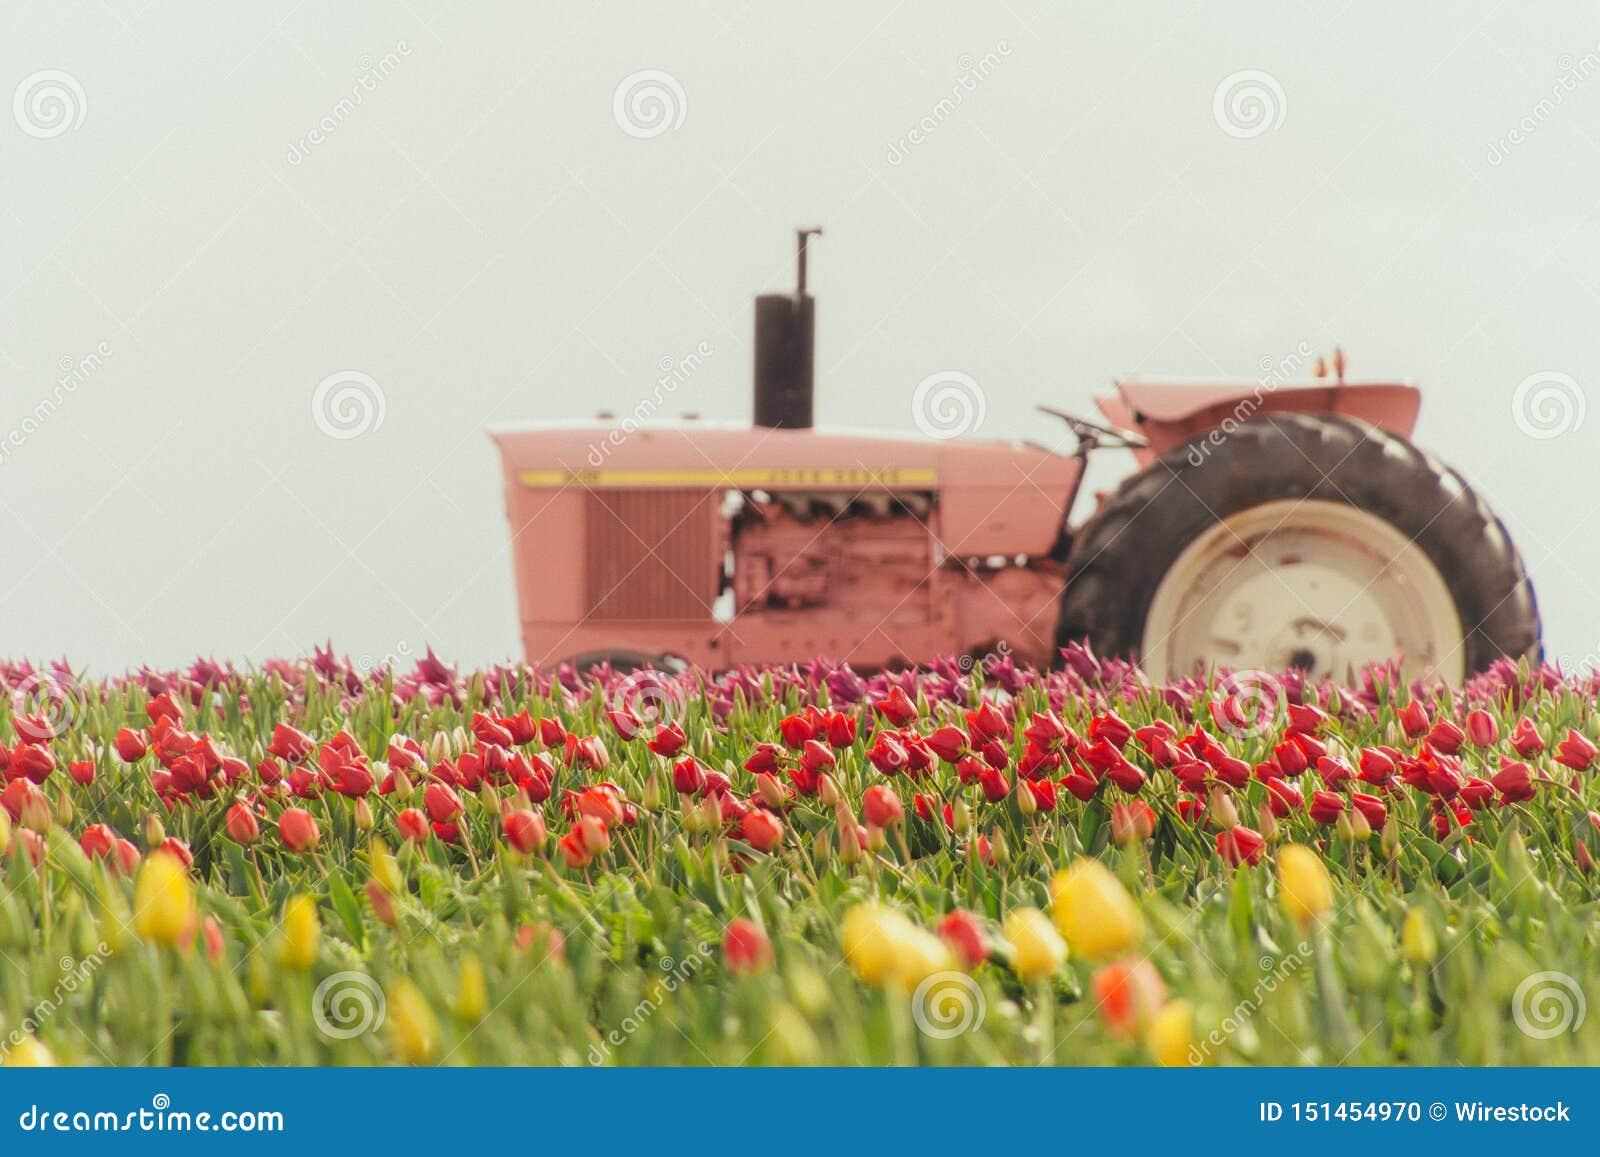 Tracteur rose dans un domaine complètement de belles tulipes colorées